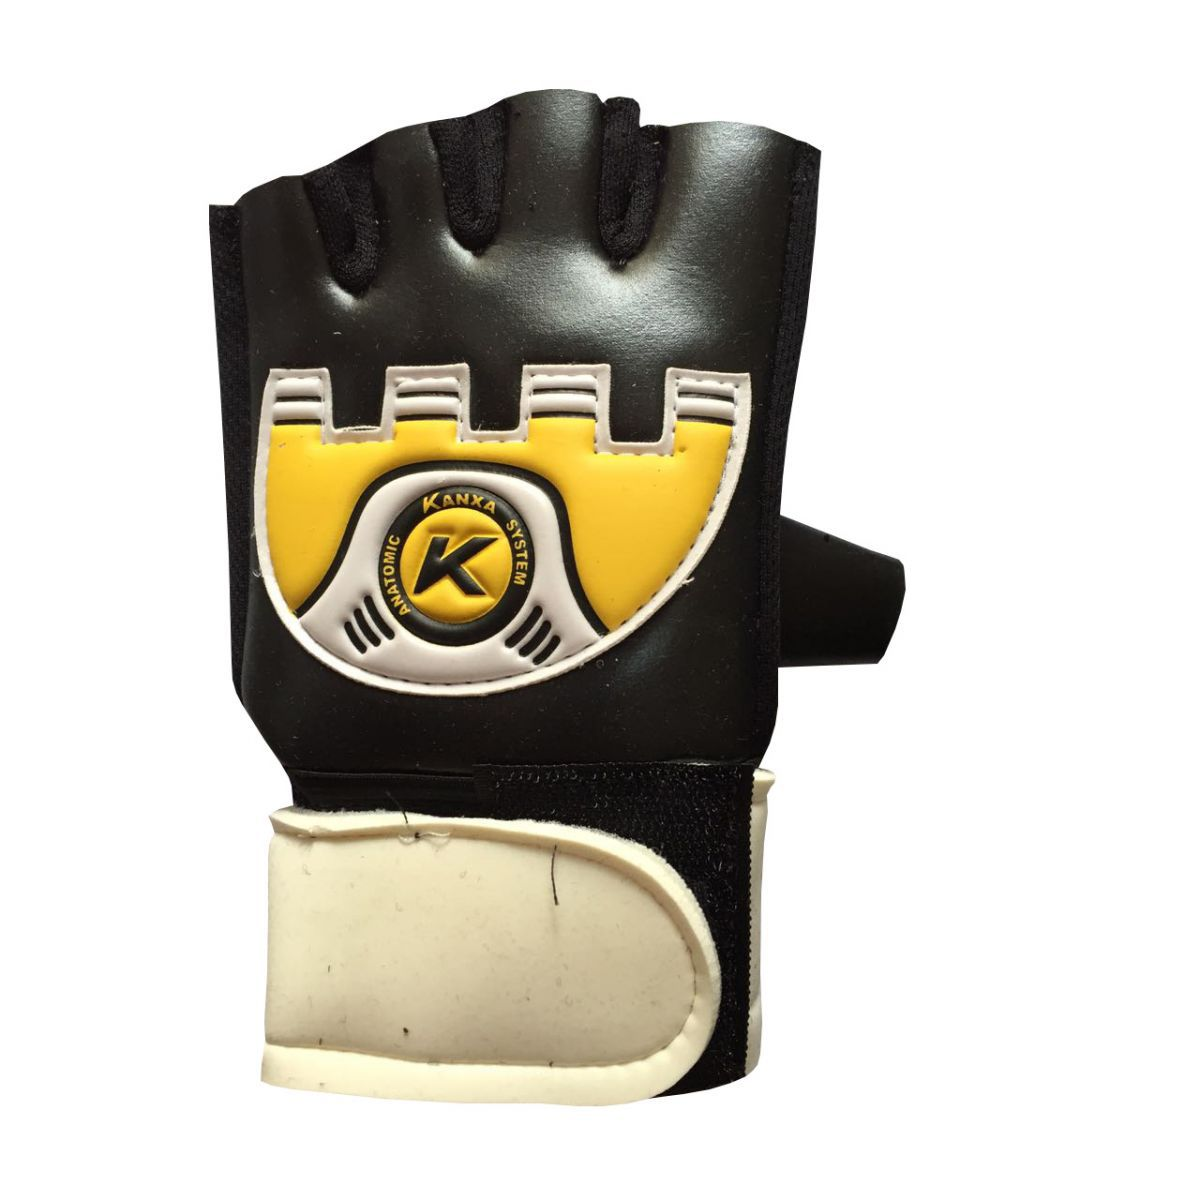 Luva de Futsal Kanxa Power Preto e Amarelo